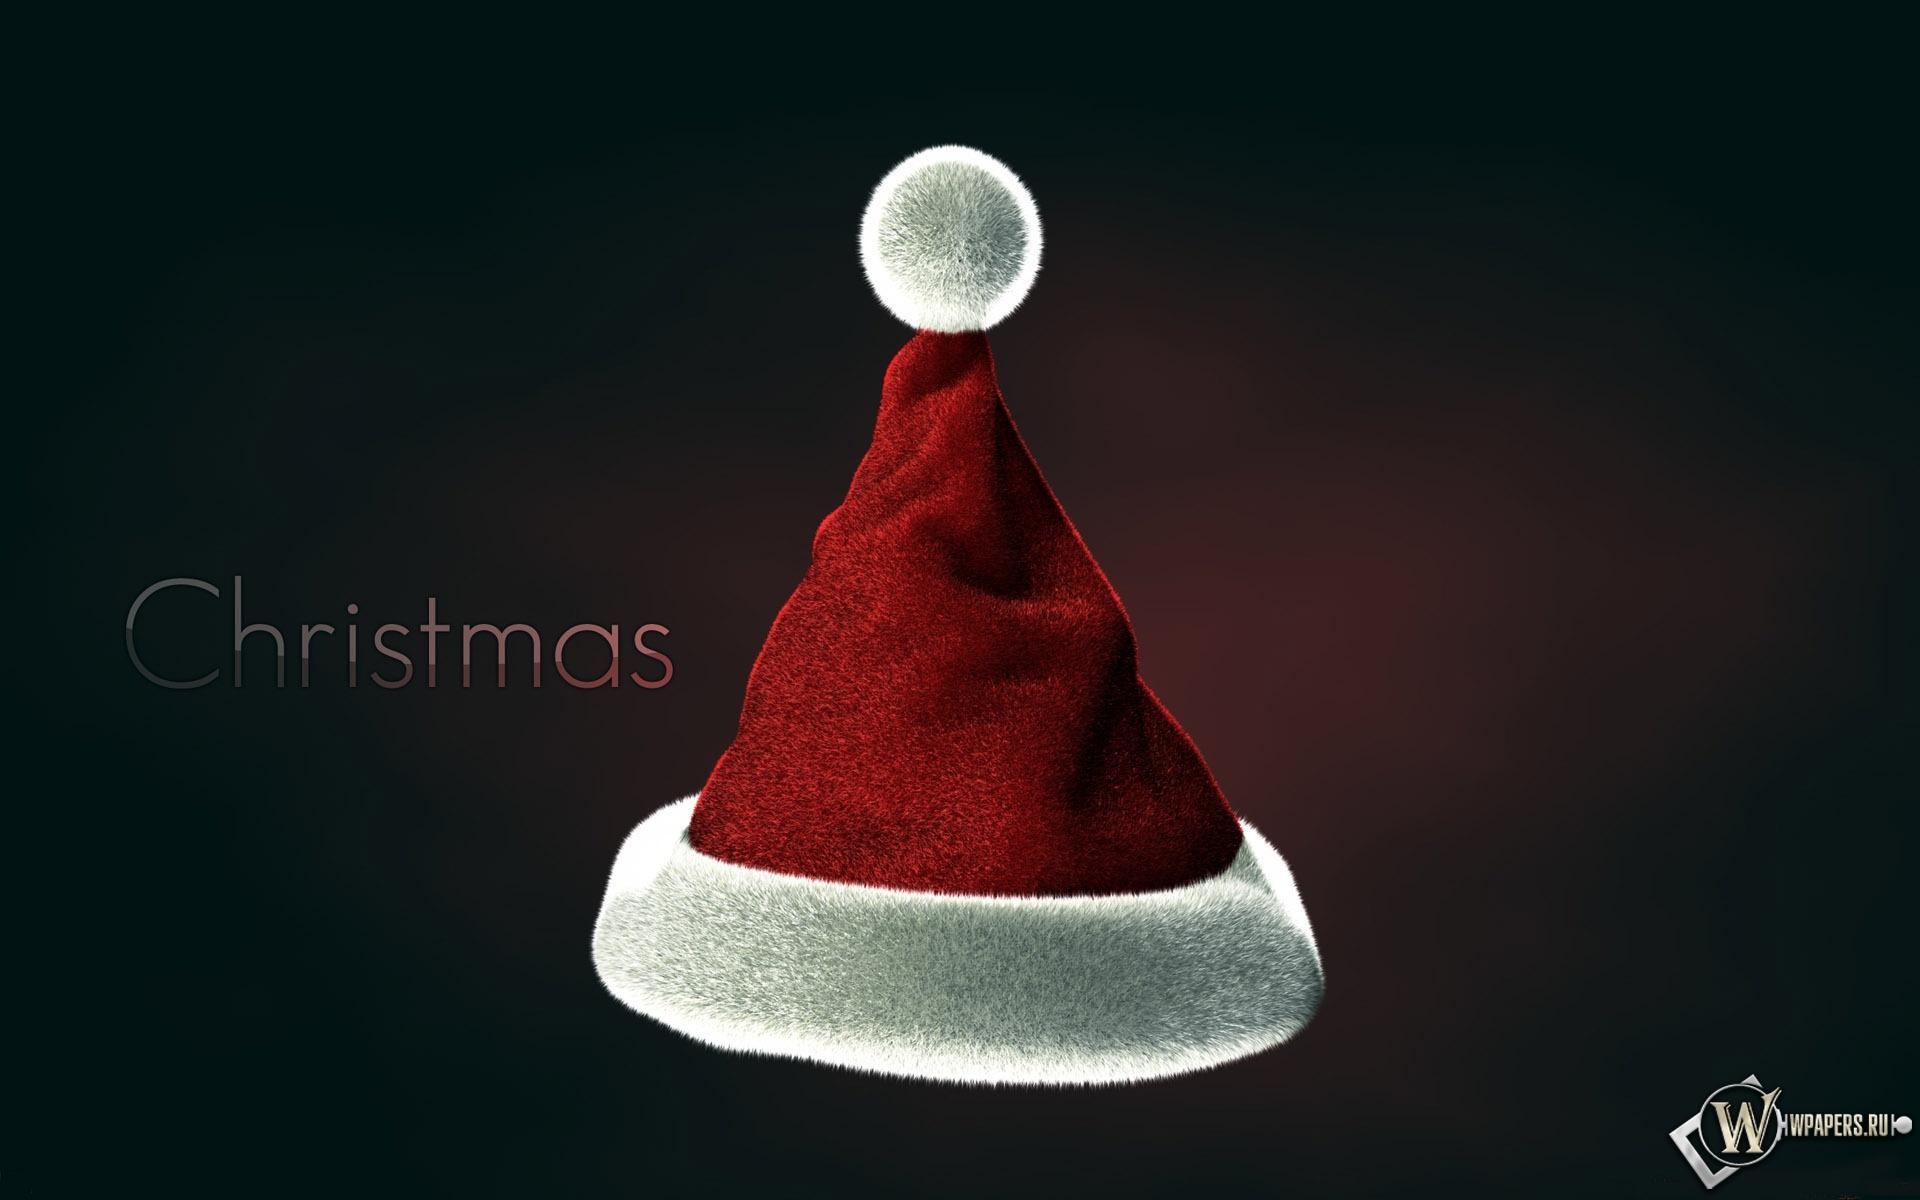 Рождественская шапка 1920x1200